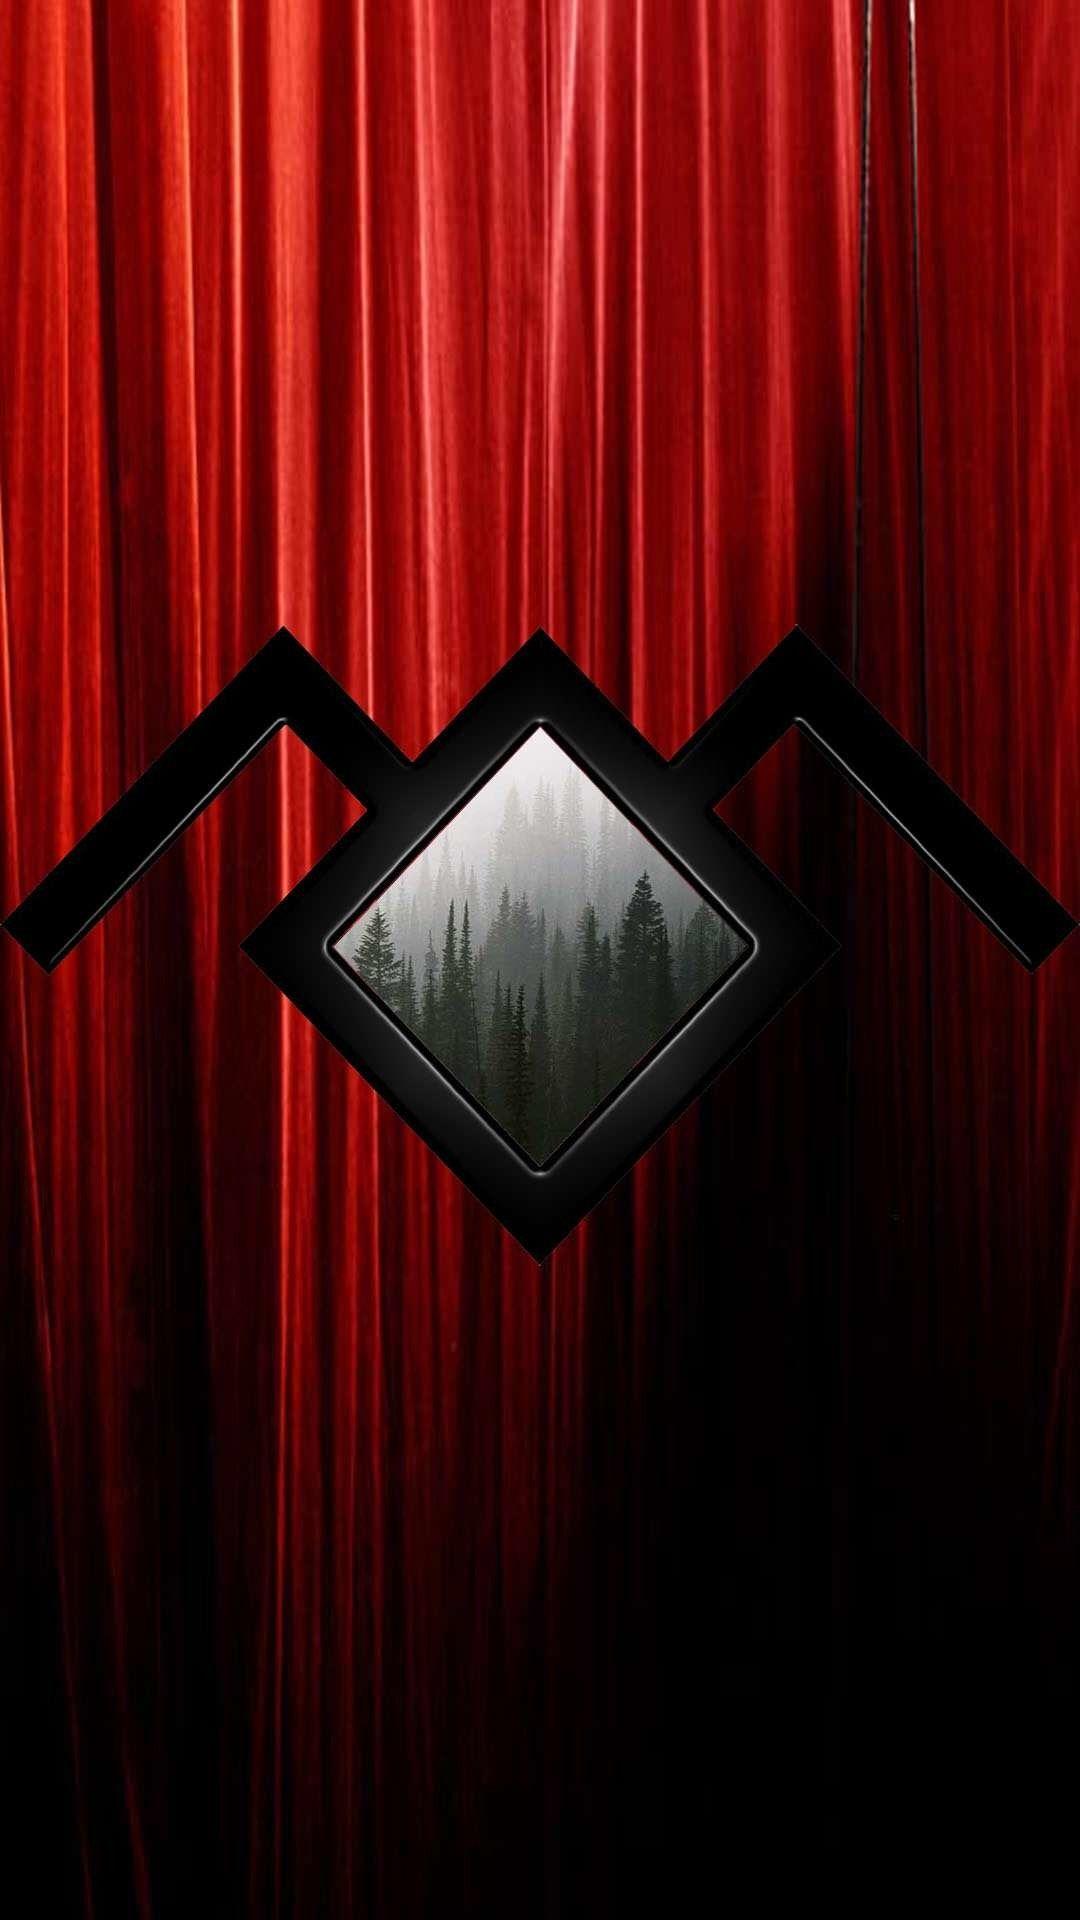 1080x1920 Twin Peaks Iphone 7 Wallpaper 1020x1920 Twin Peaks Tattoo Twin Peaks Art Twin Peaks Wallpaper